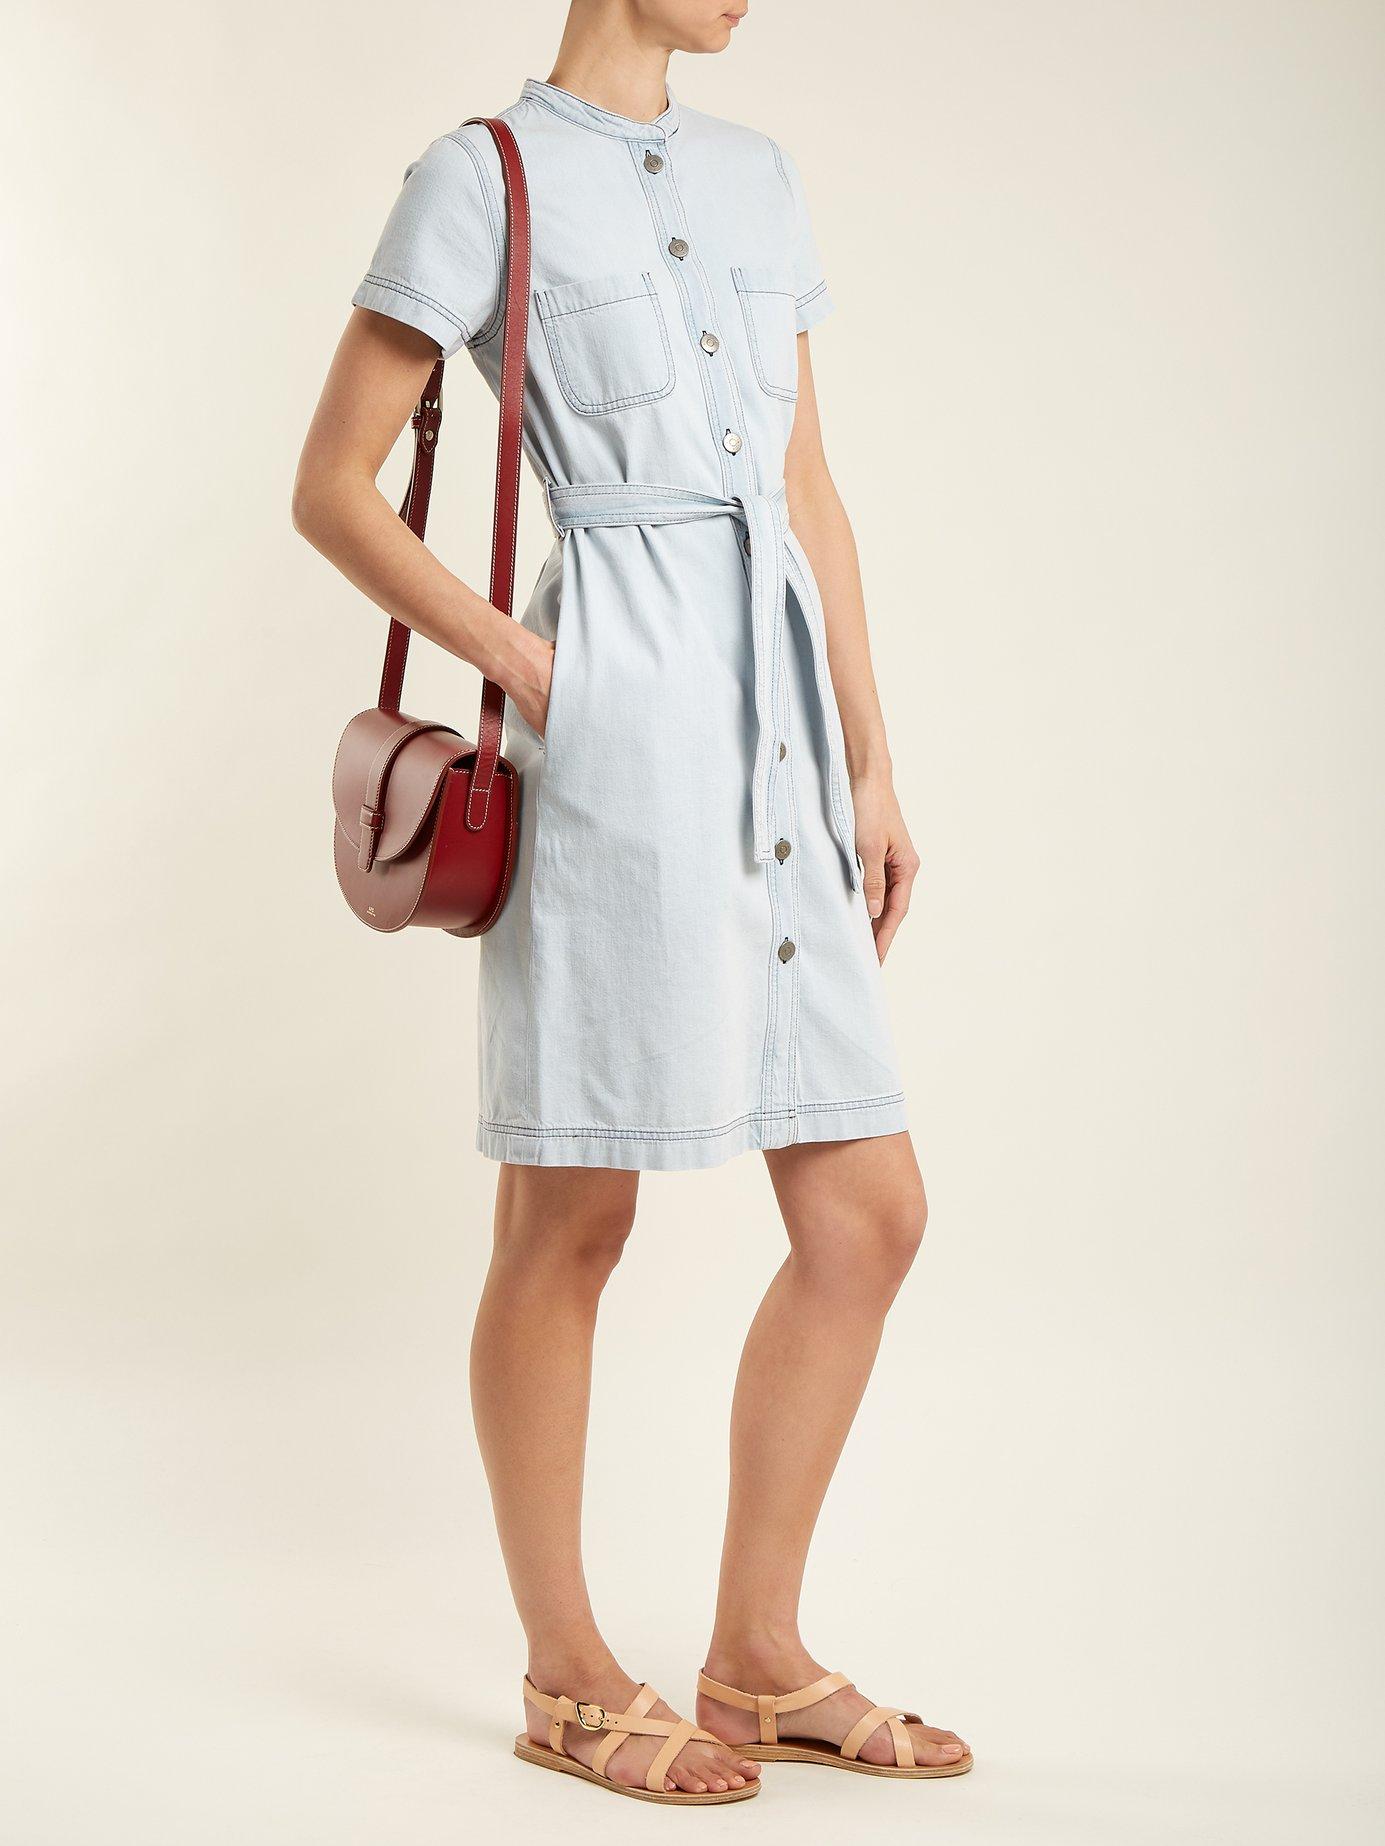 Kornfield tie-waist denim dress by M.I.H Jeans